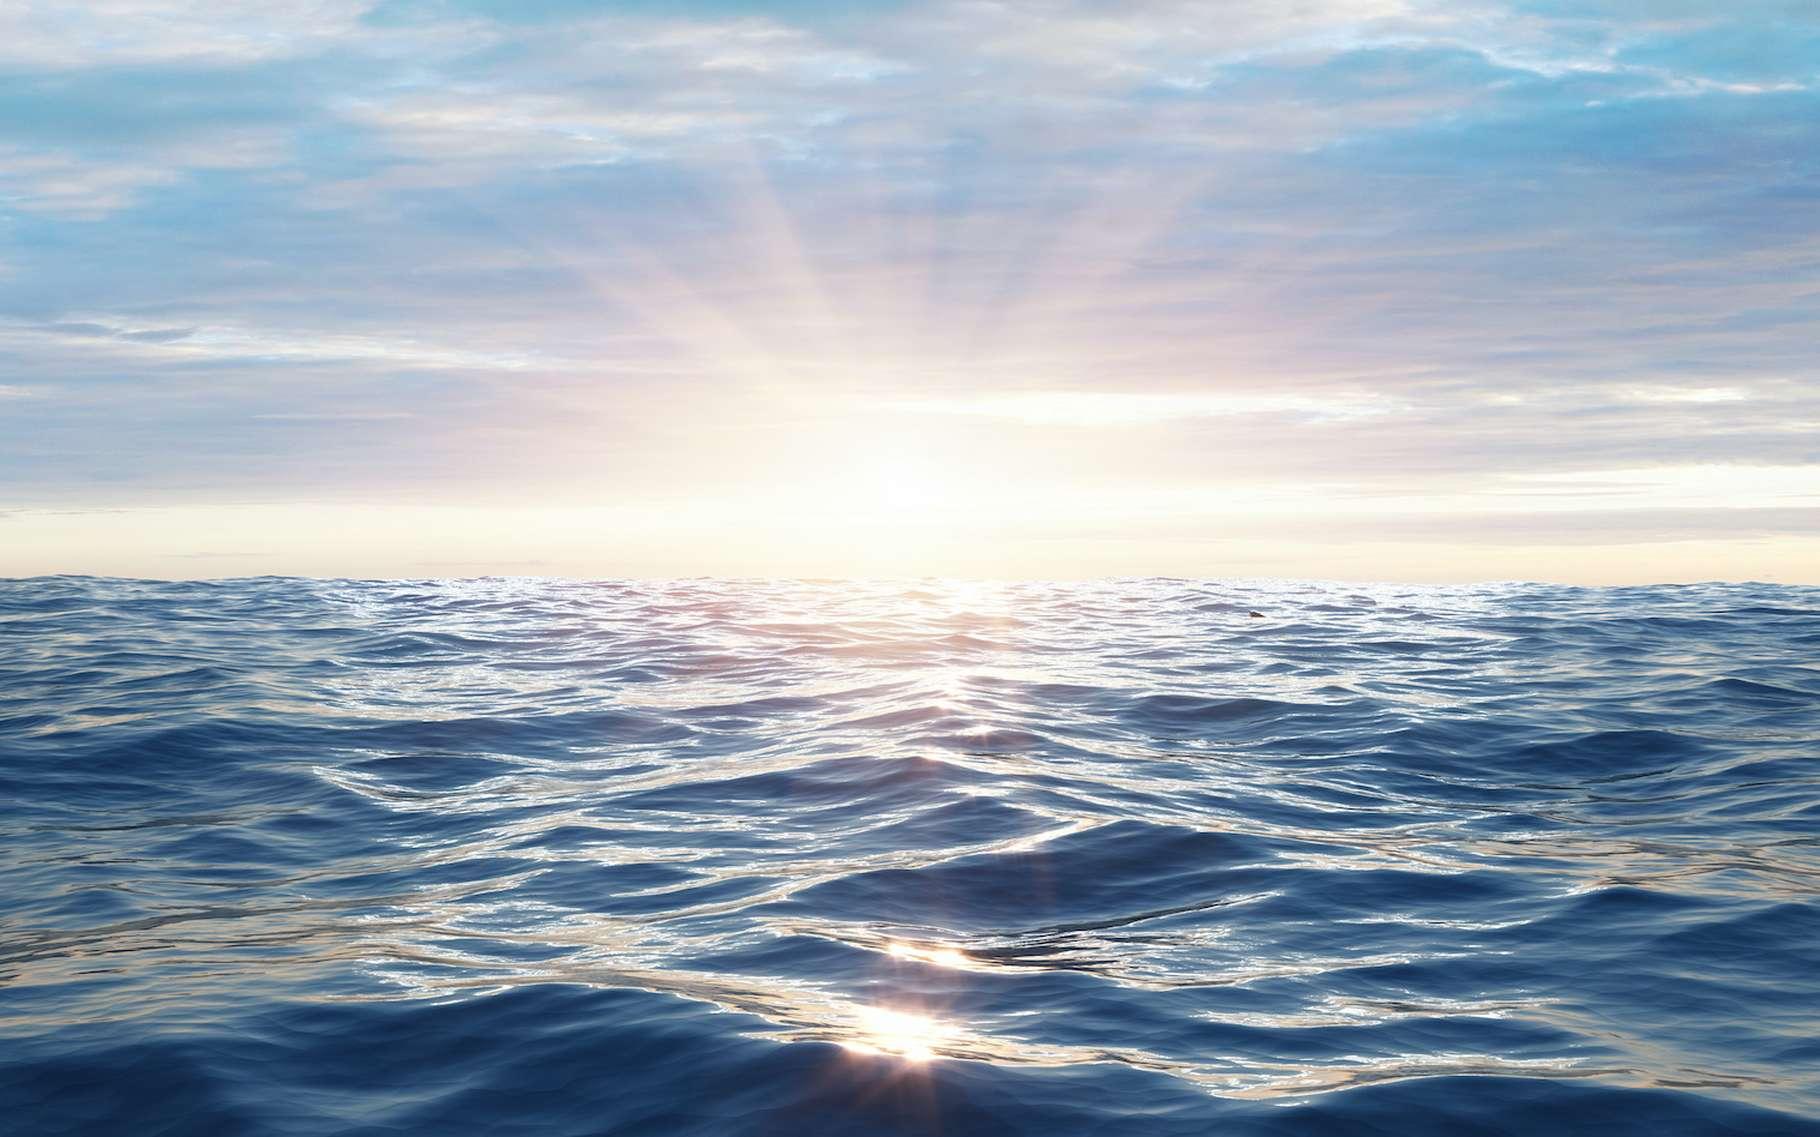 Selon des chercheurs du Potsdam institute for climate impact research (Allemagne), la circulation méridienne de retournement atlantique (Amoc) s'affaiblit de manière marquée sous l'effet du réchauffement climatique. © peterschreiber.media, Adobe Stock